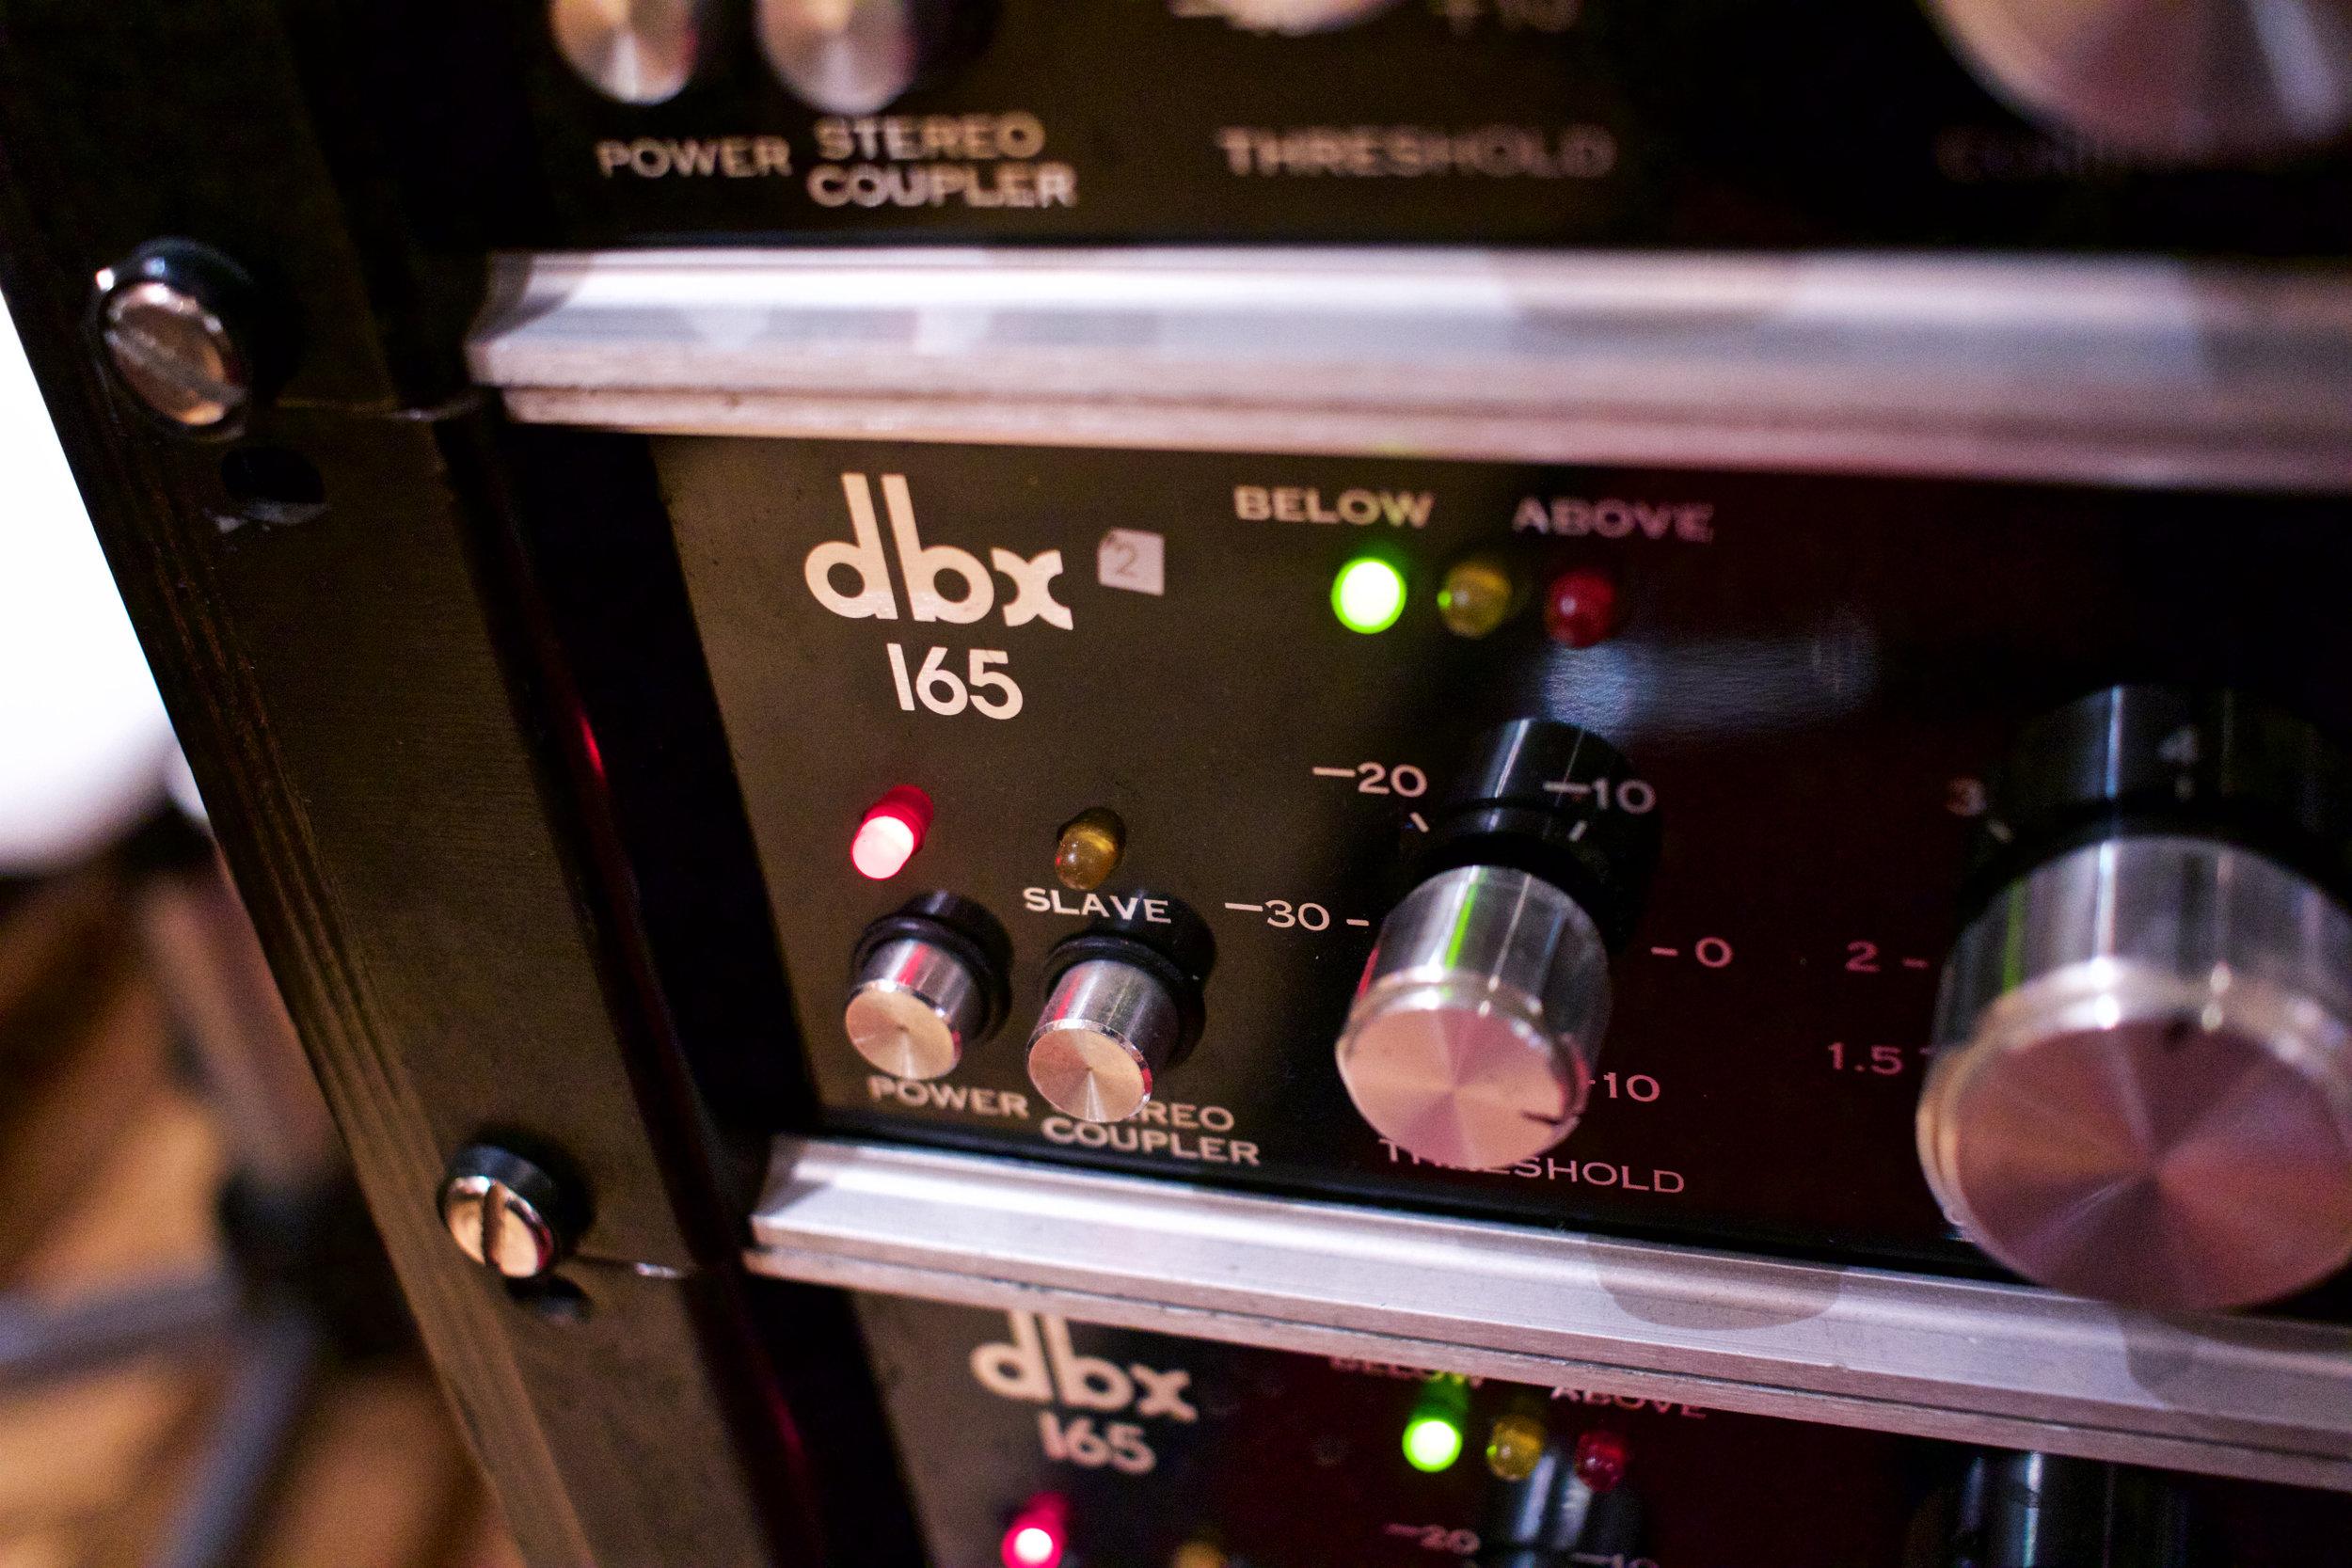 Random picture of a compressor I took at KONK Studios